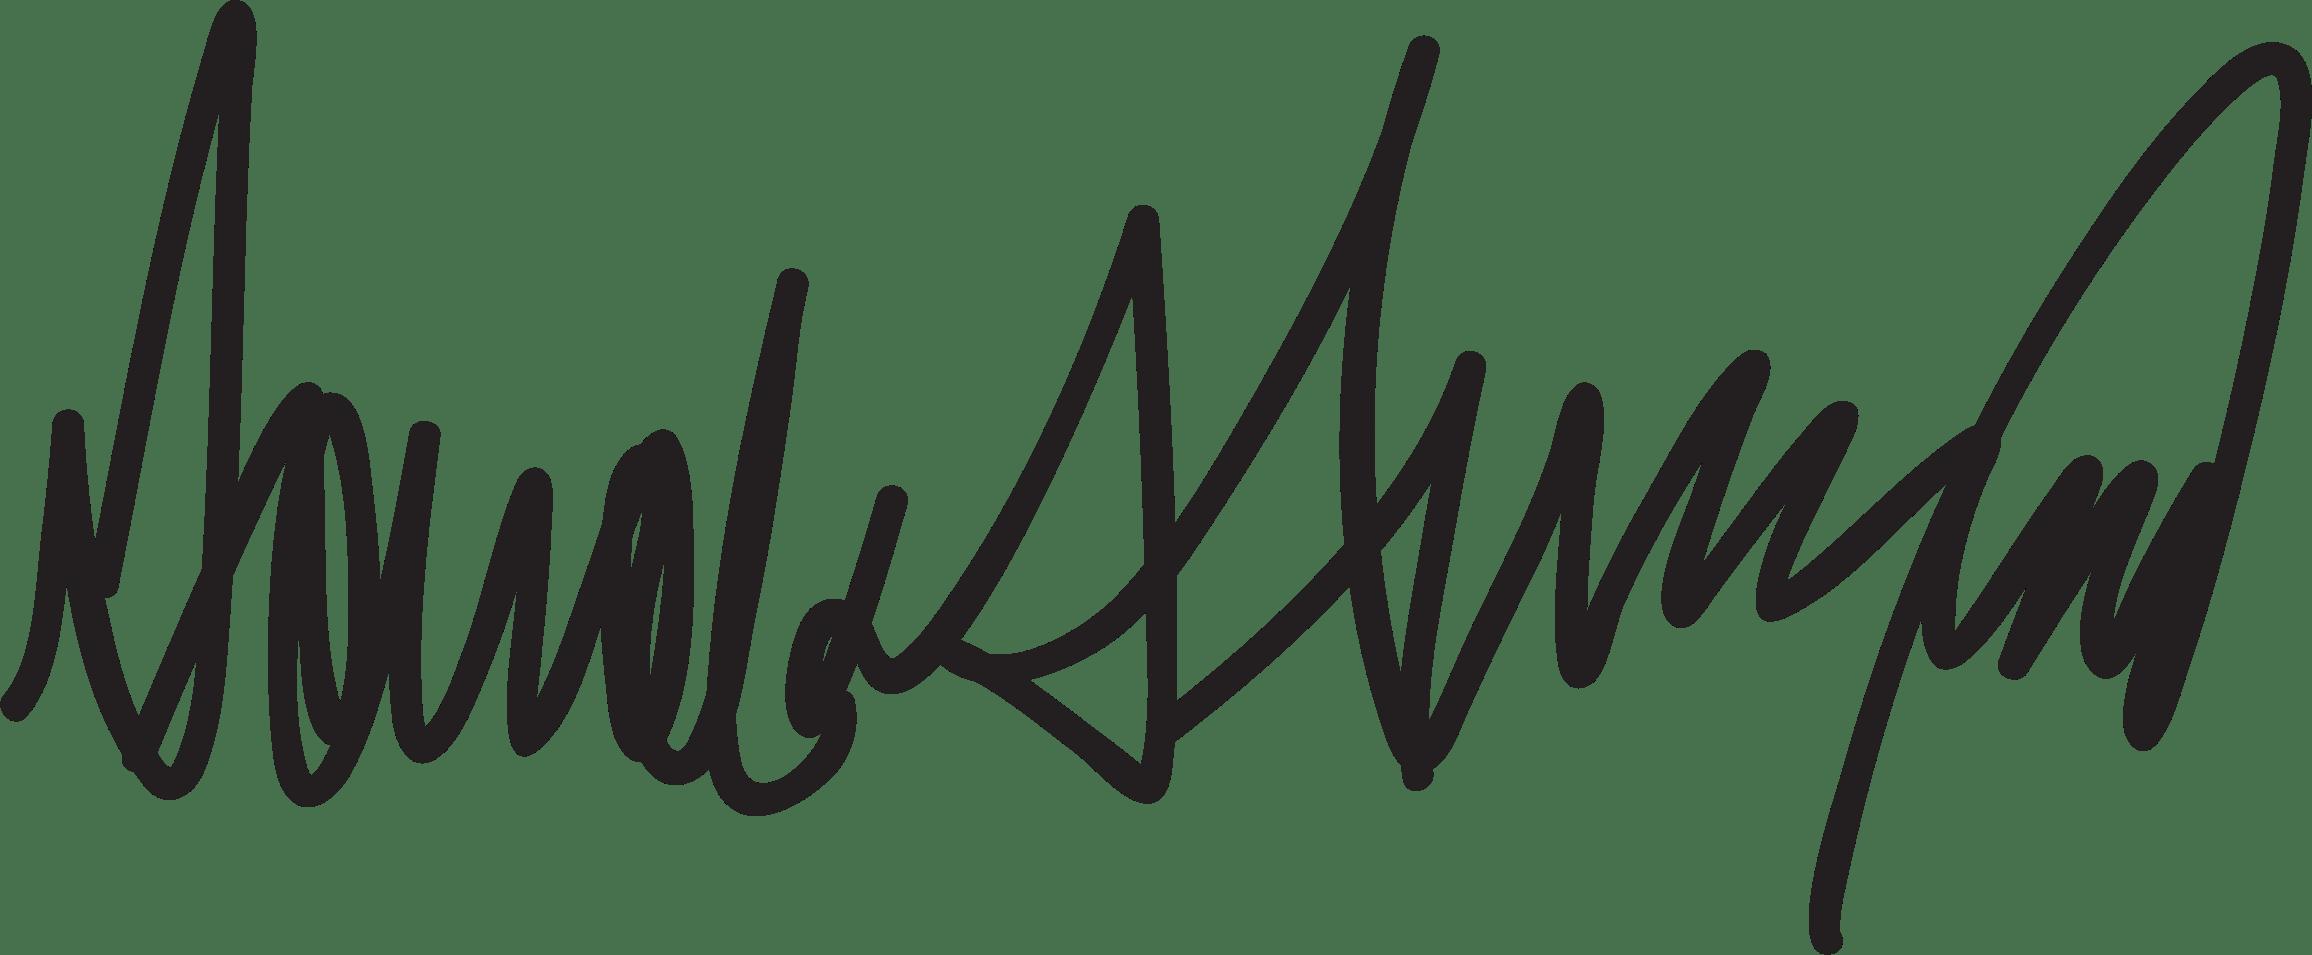 Donald trump transparent png. Hand clipart signature